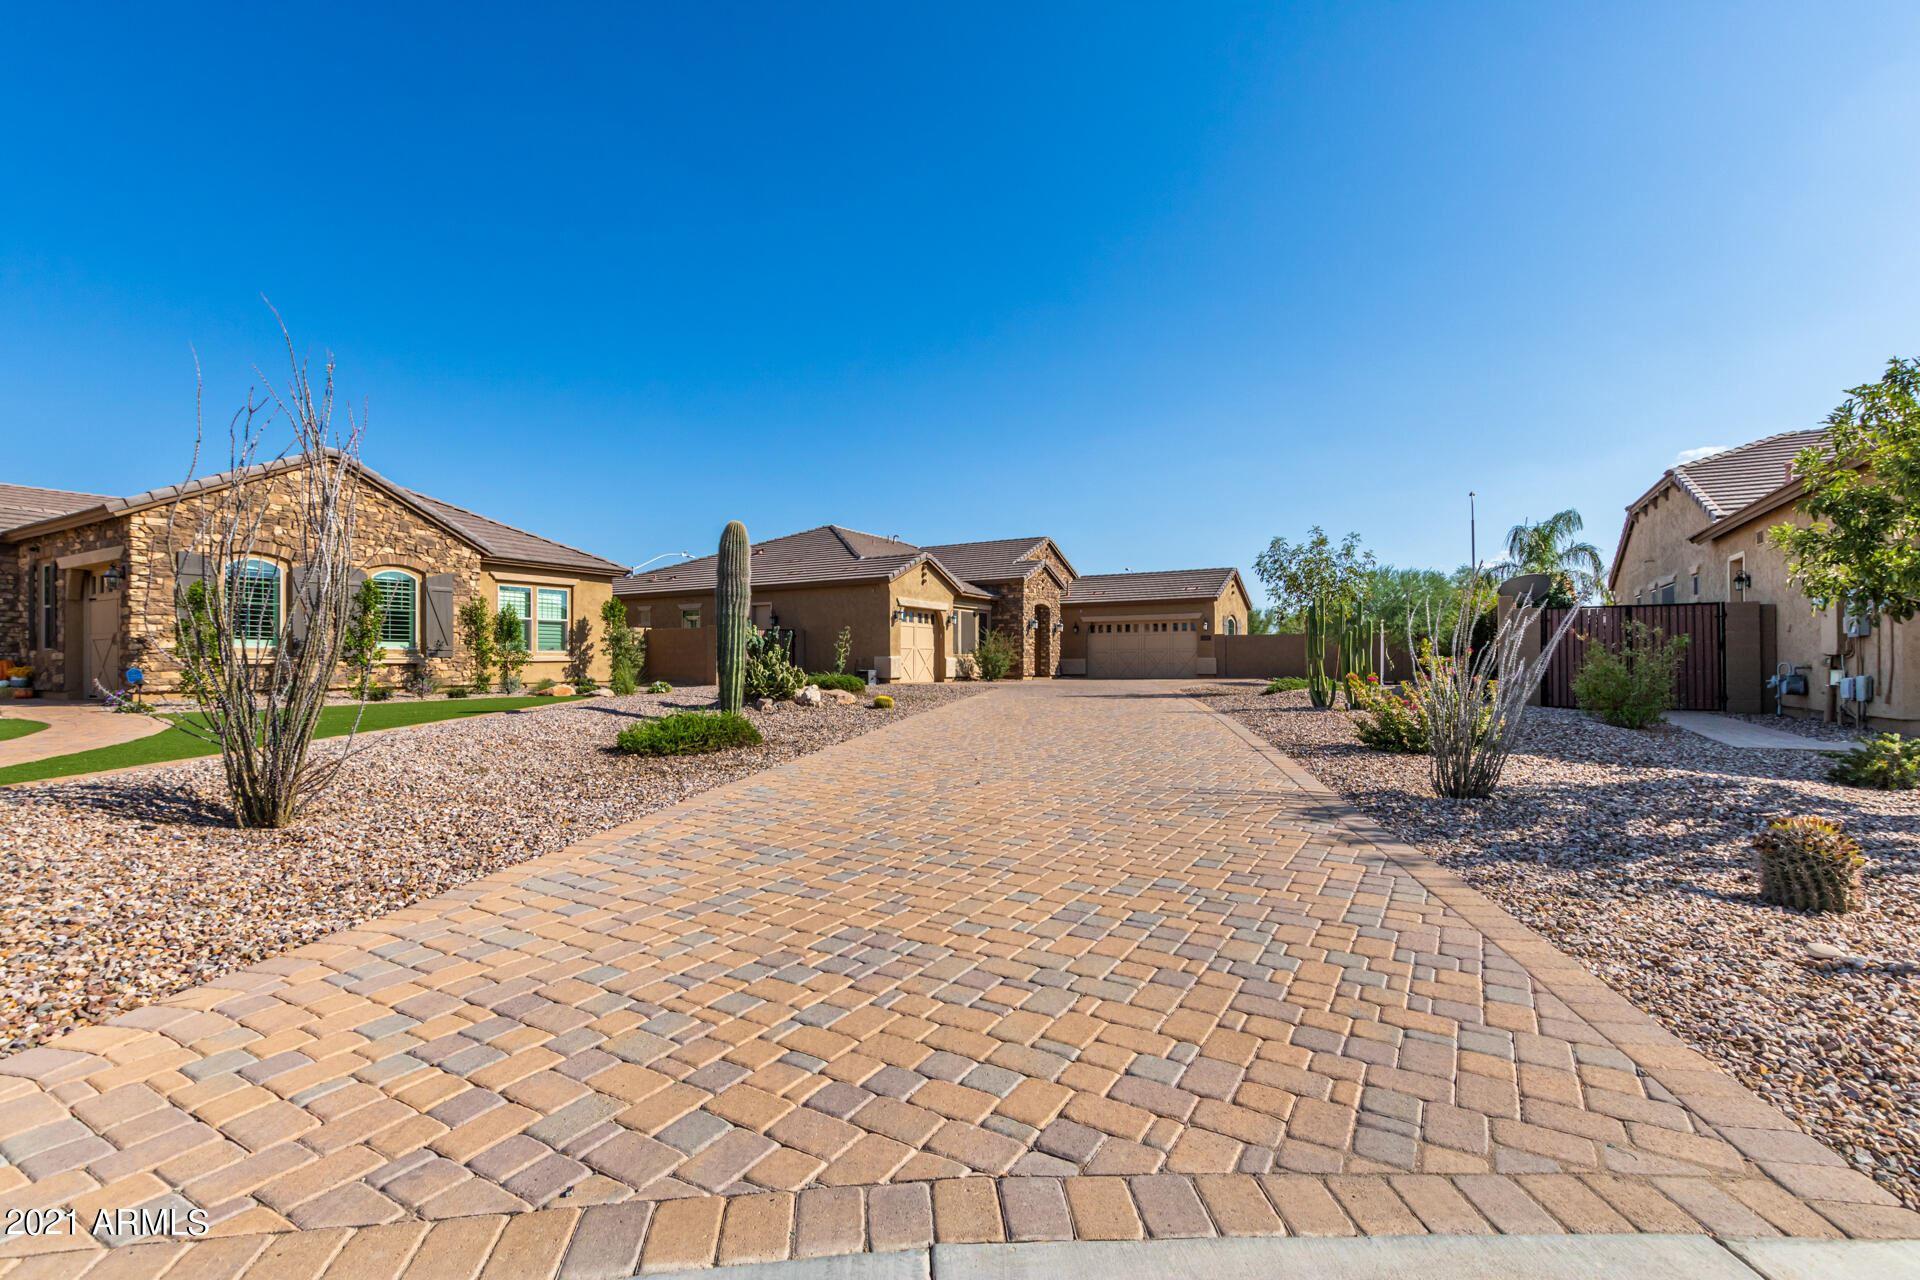 Photo of 3987 E ALOE Place E, Chandler, AZ 85286 (MLS # 6306065)